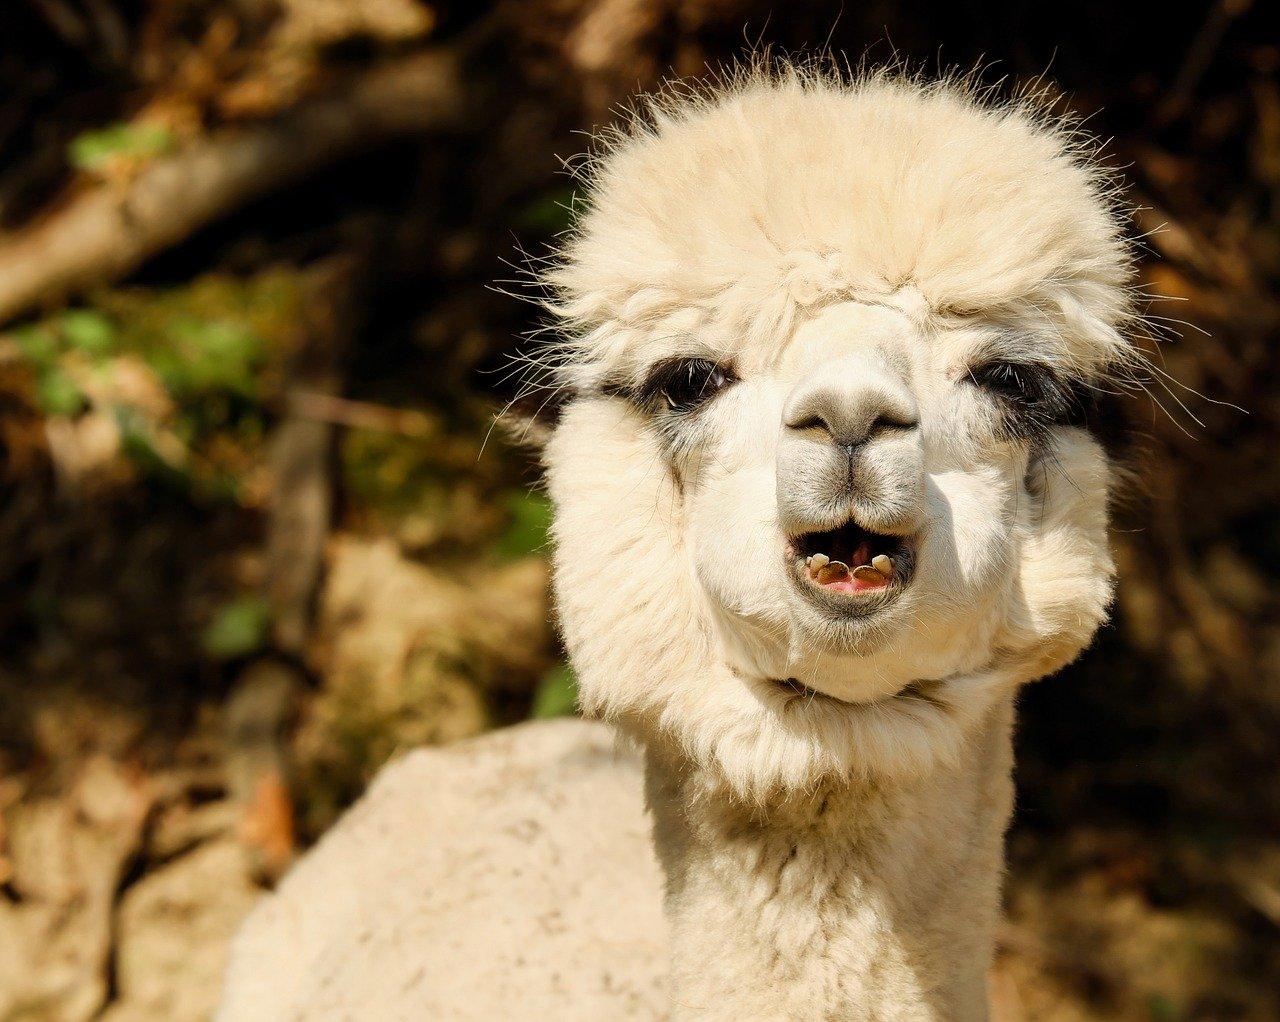 A happy alpaca.